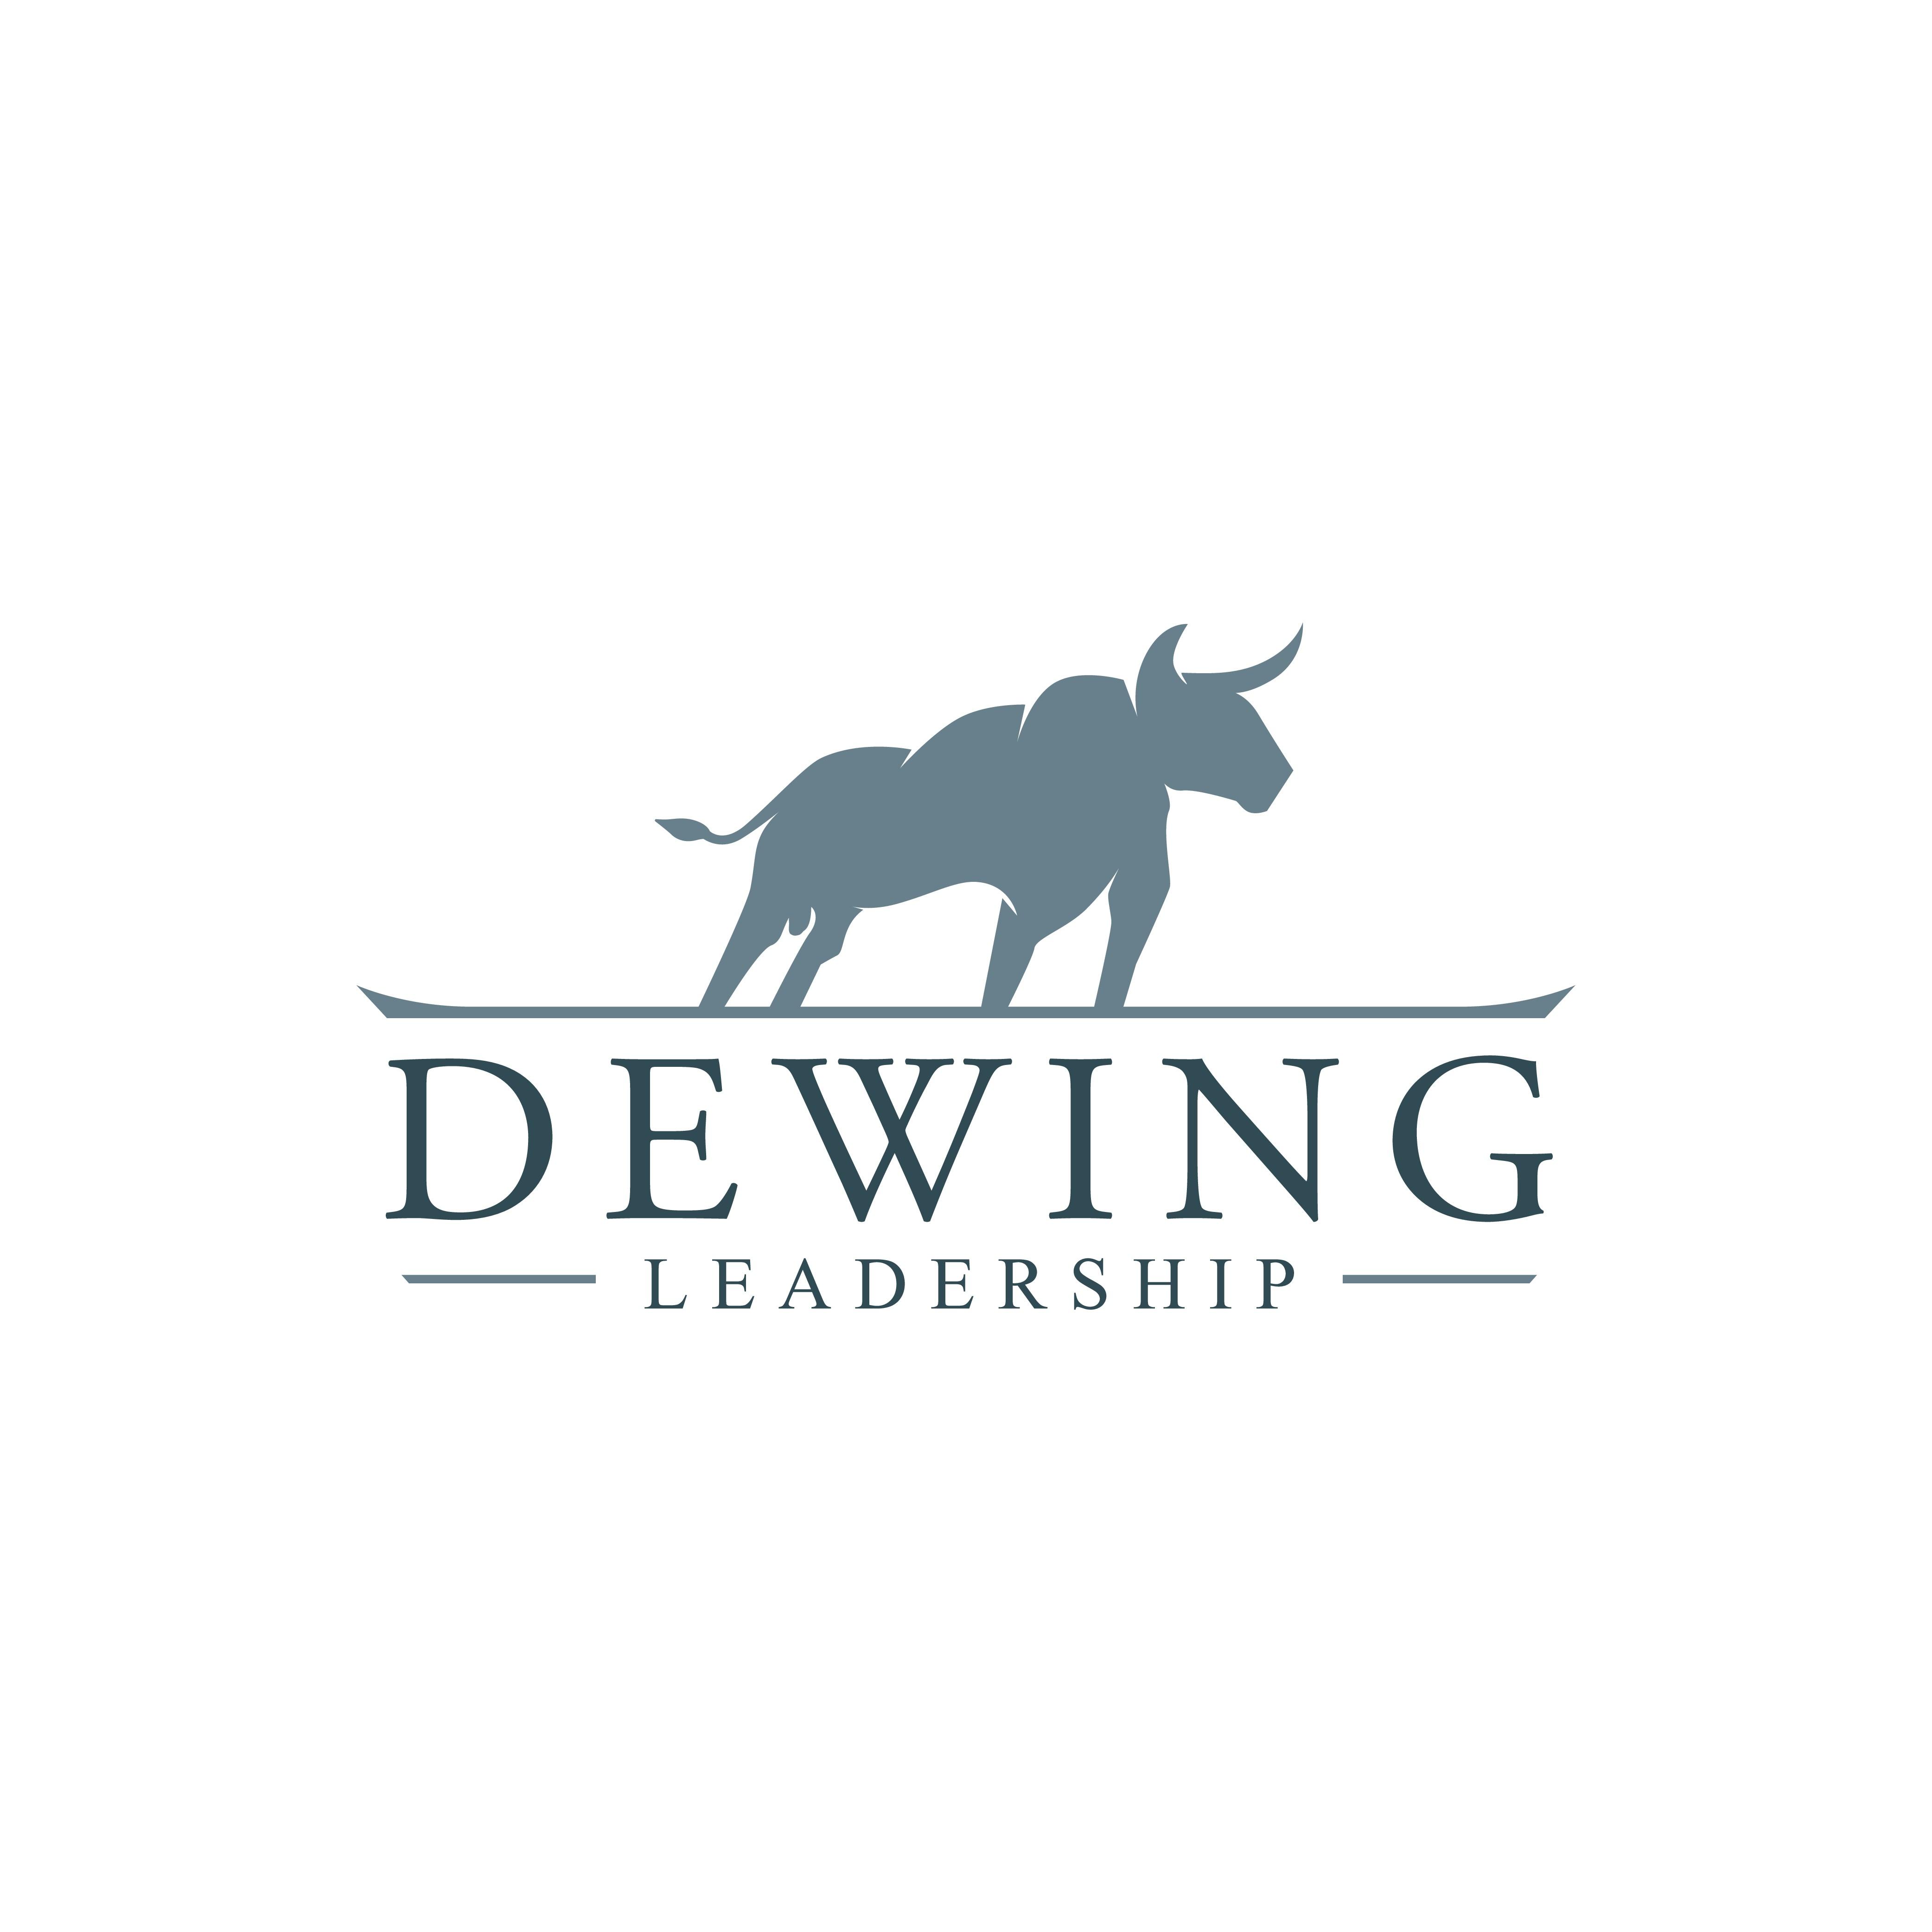 Dewing Leadership Logo